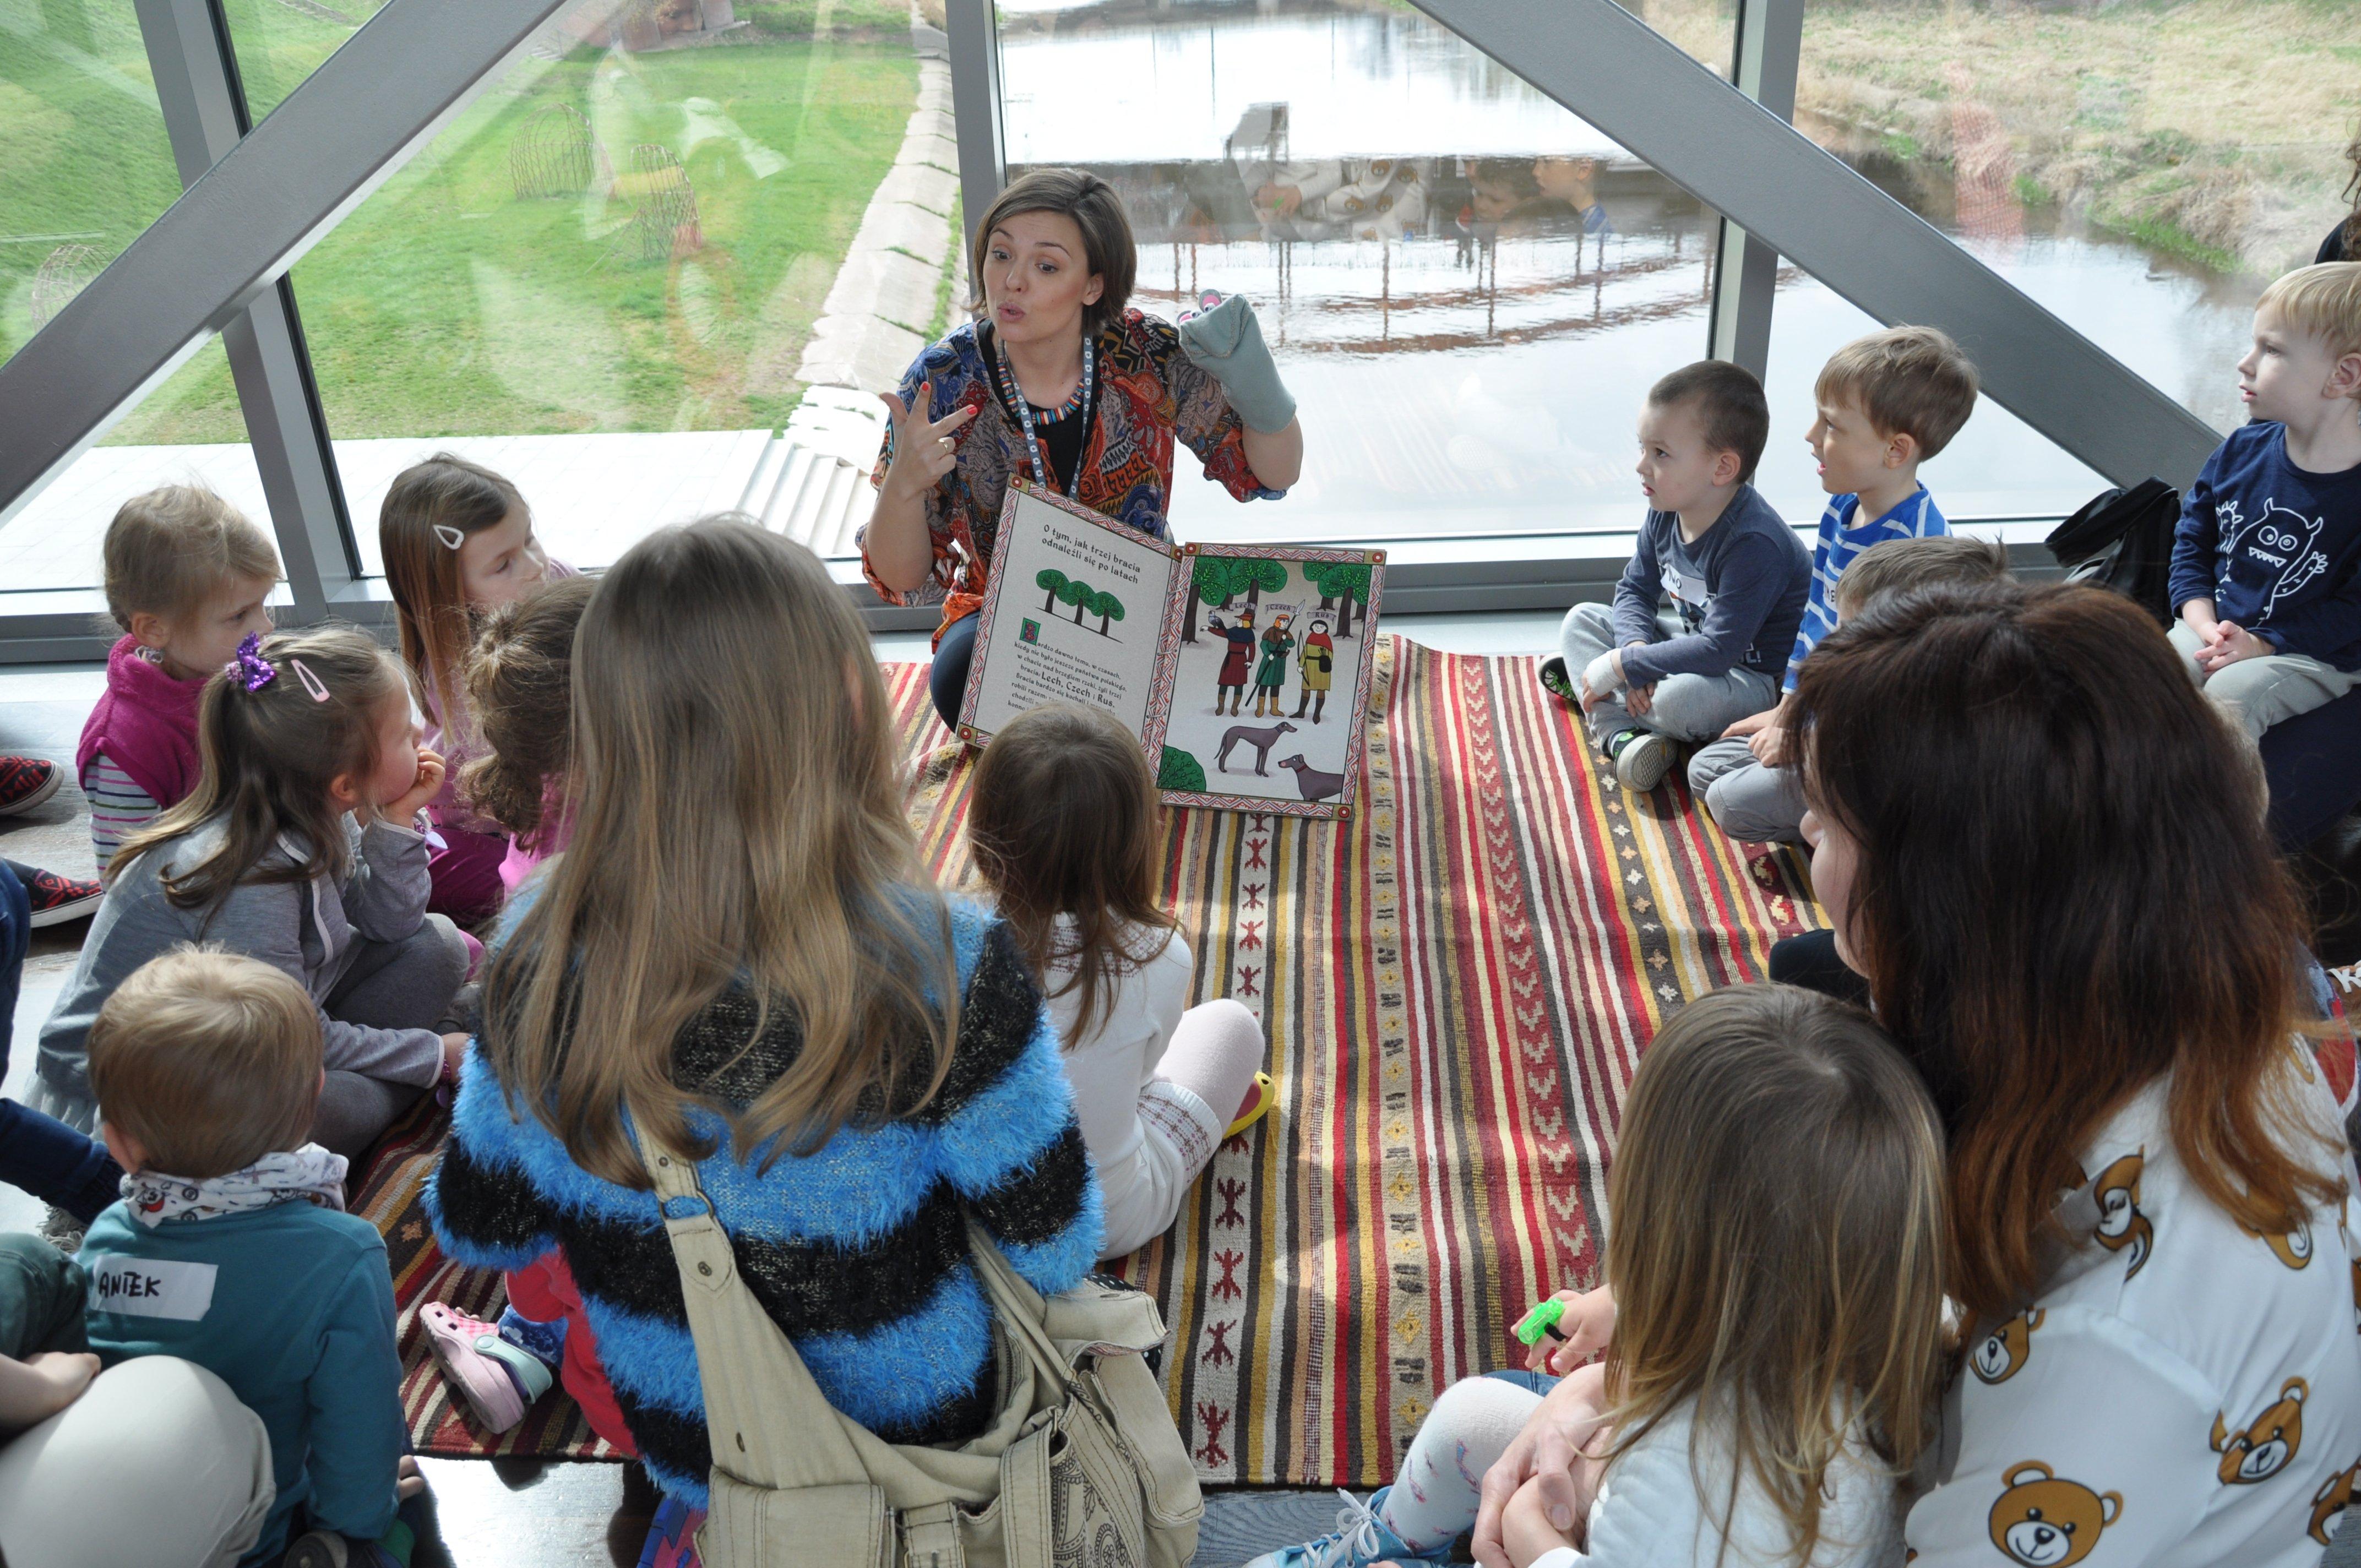 Muzyczny dywan – zajęcia dla rodzin z dziećmi 3-5 lat